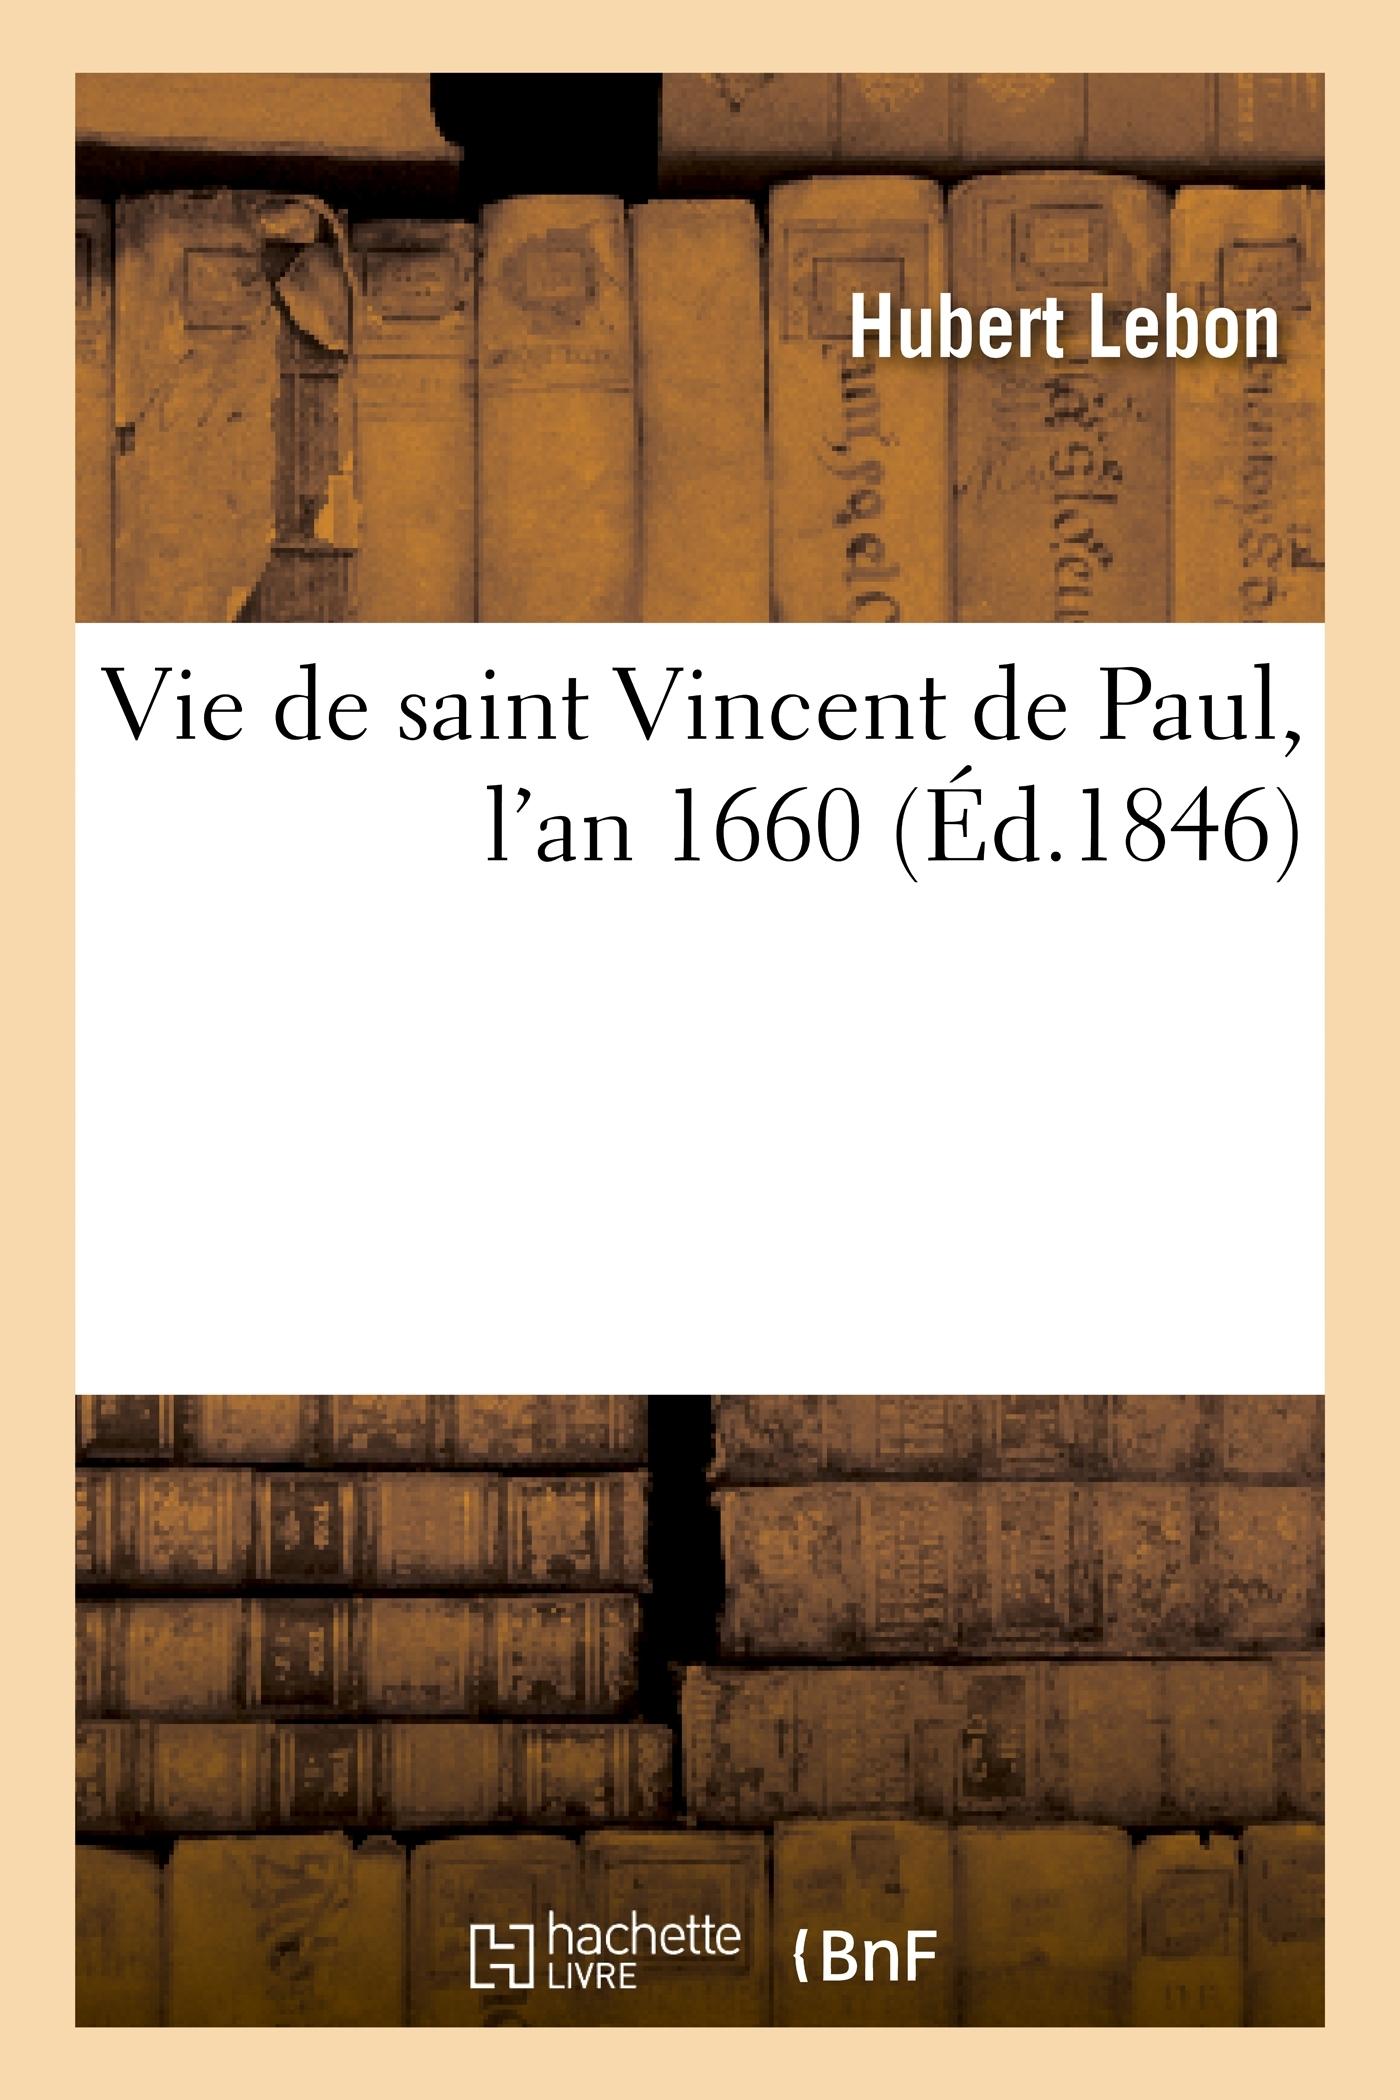 VIE DE SAINT VINCENT DE PAUL, L'AN 1660 (ED.1846)